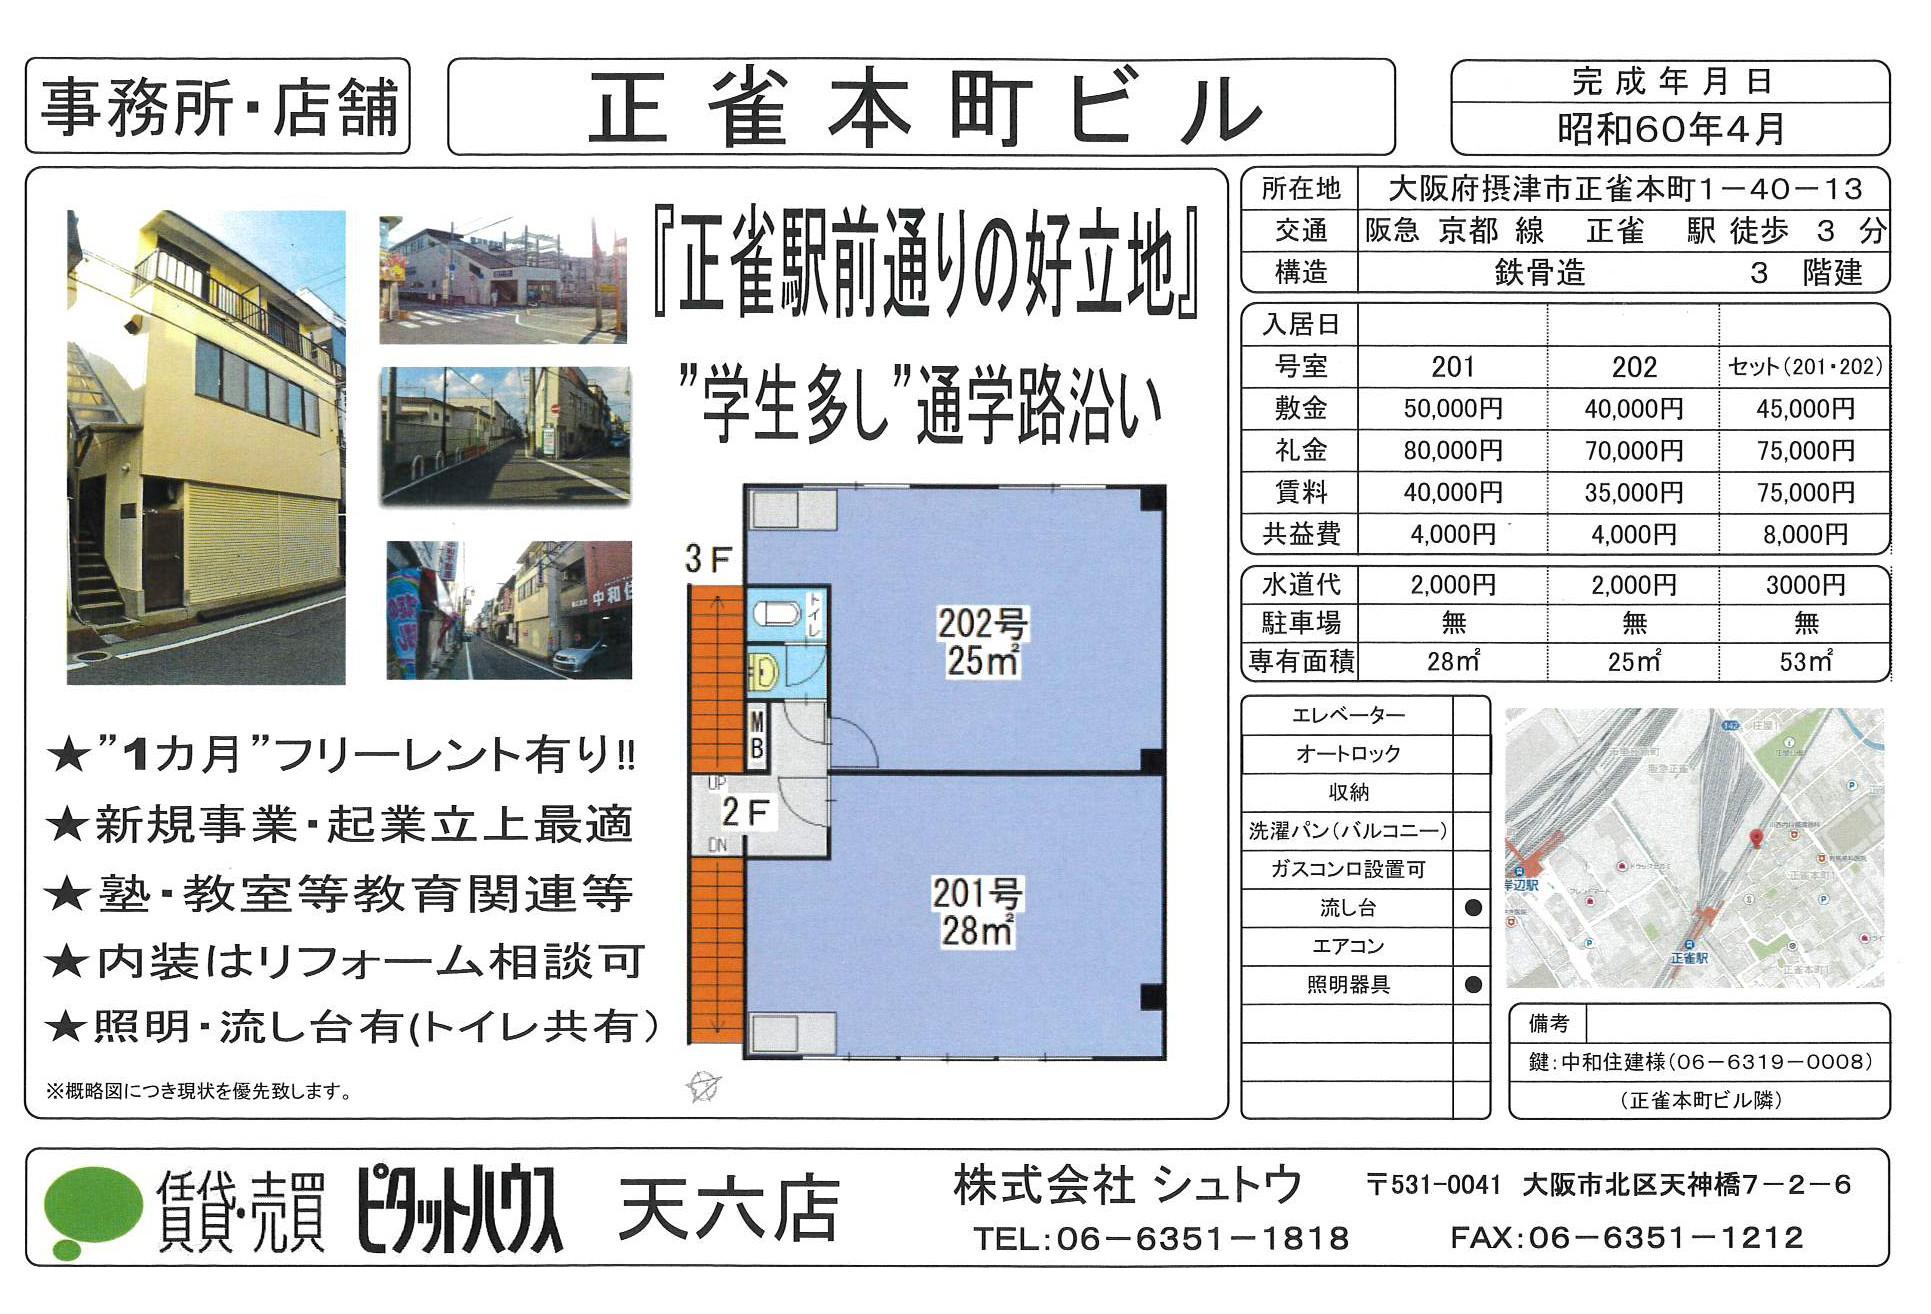 20200224-正雀本町ビル(201・202)物件資料(最終